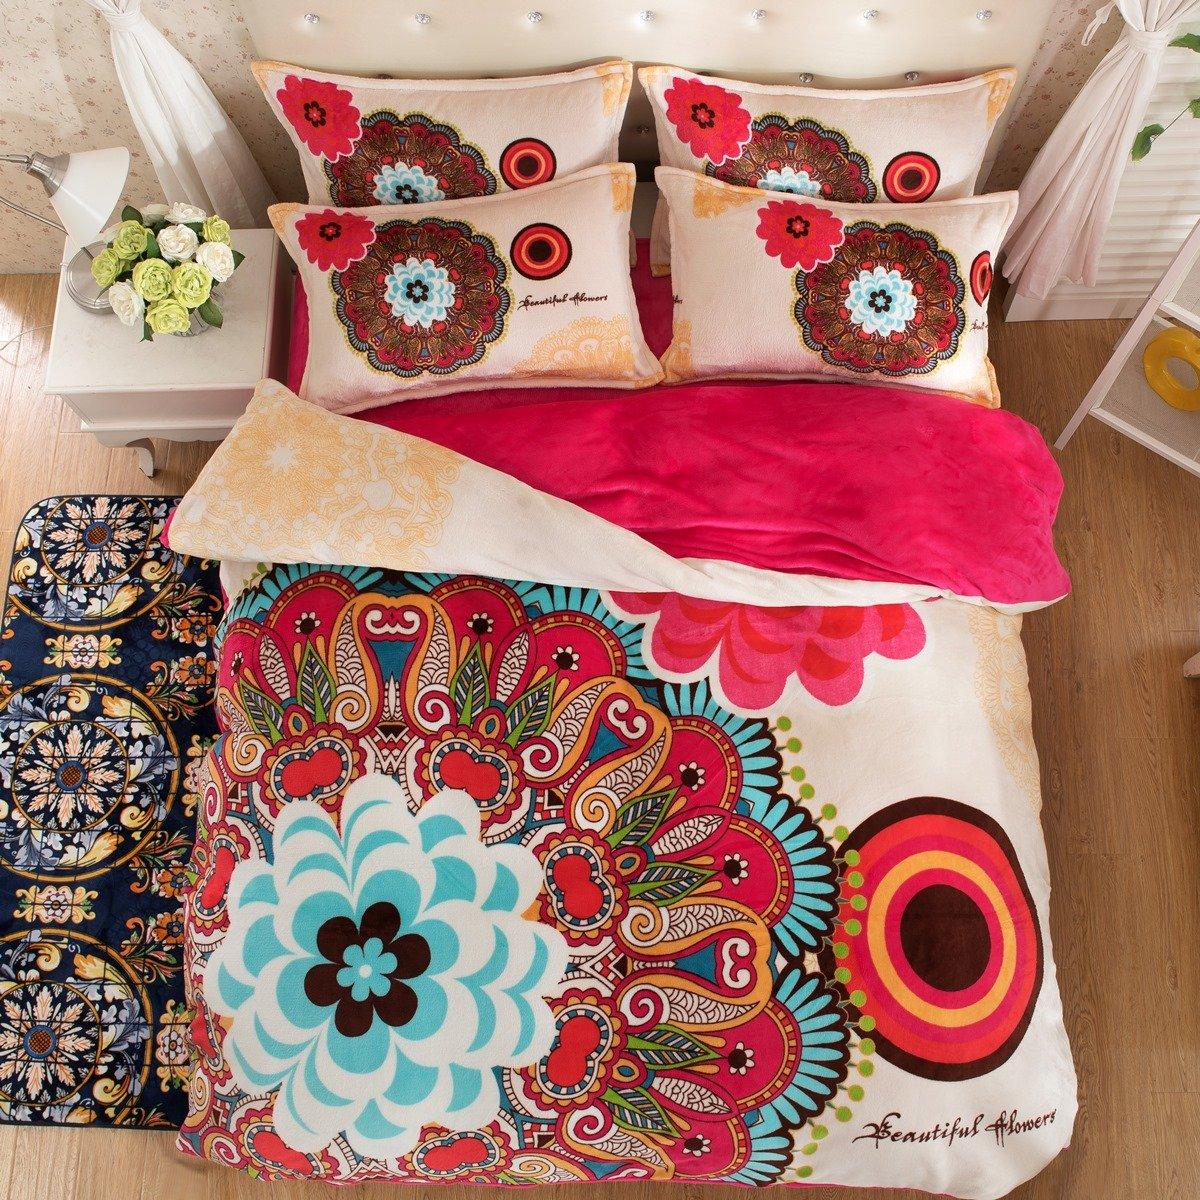 TheFitペイズリーボヘミアン寝具for Adult u2009 Boho花布団カバーセットFarleyベルベット、クイーンセット、4ピース B06XTSCG46